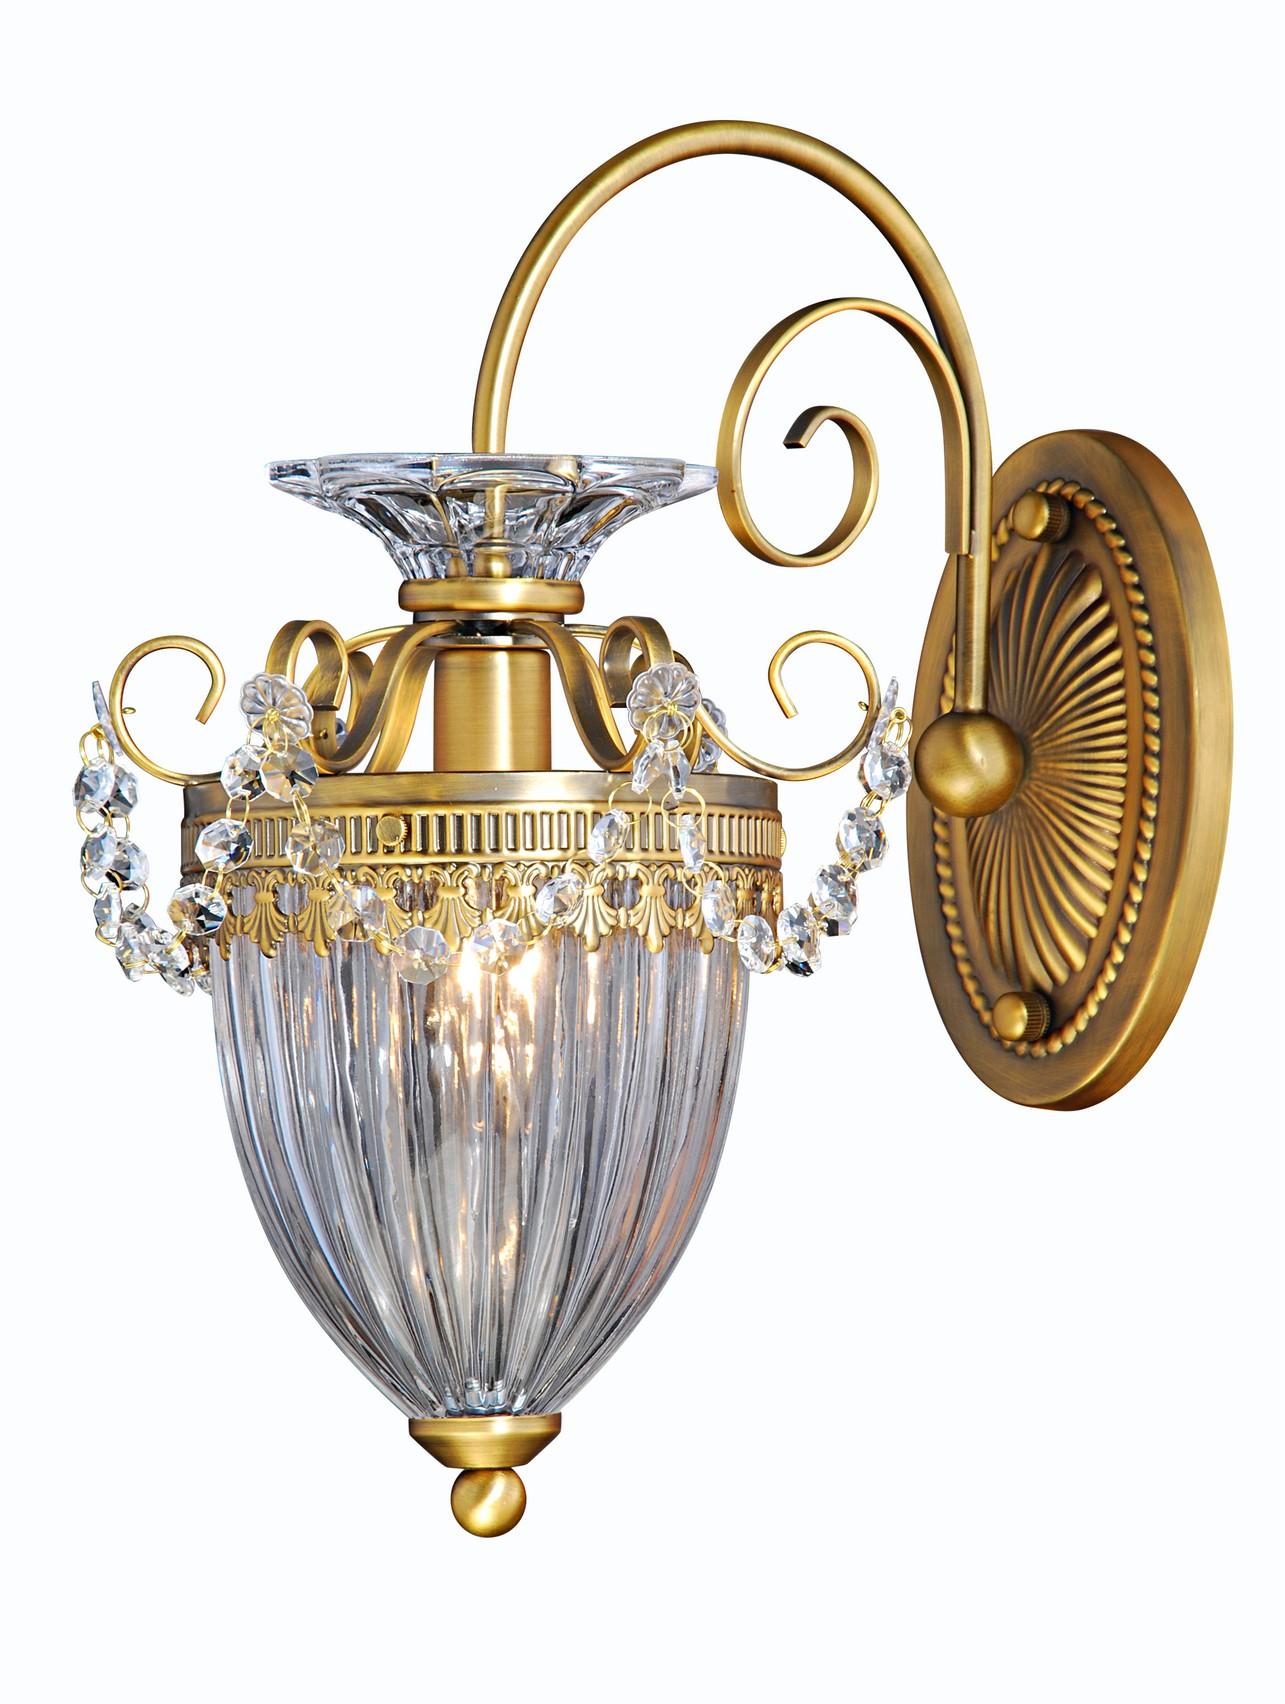 Бра Arte lamp Schelenberg a4410ap-1sr arte lamp бра arte lamp schelenberg a4410ap 1sr